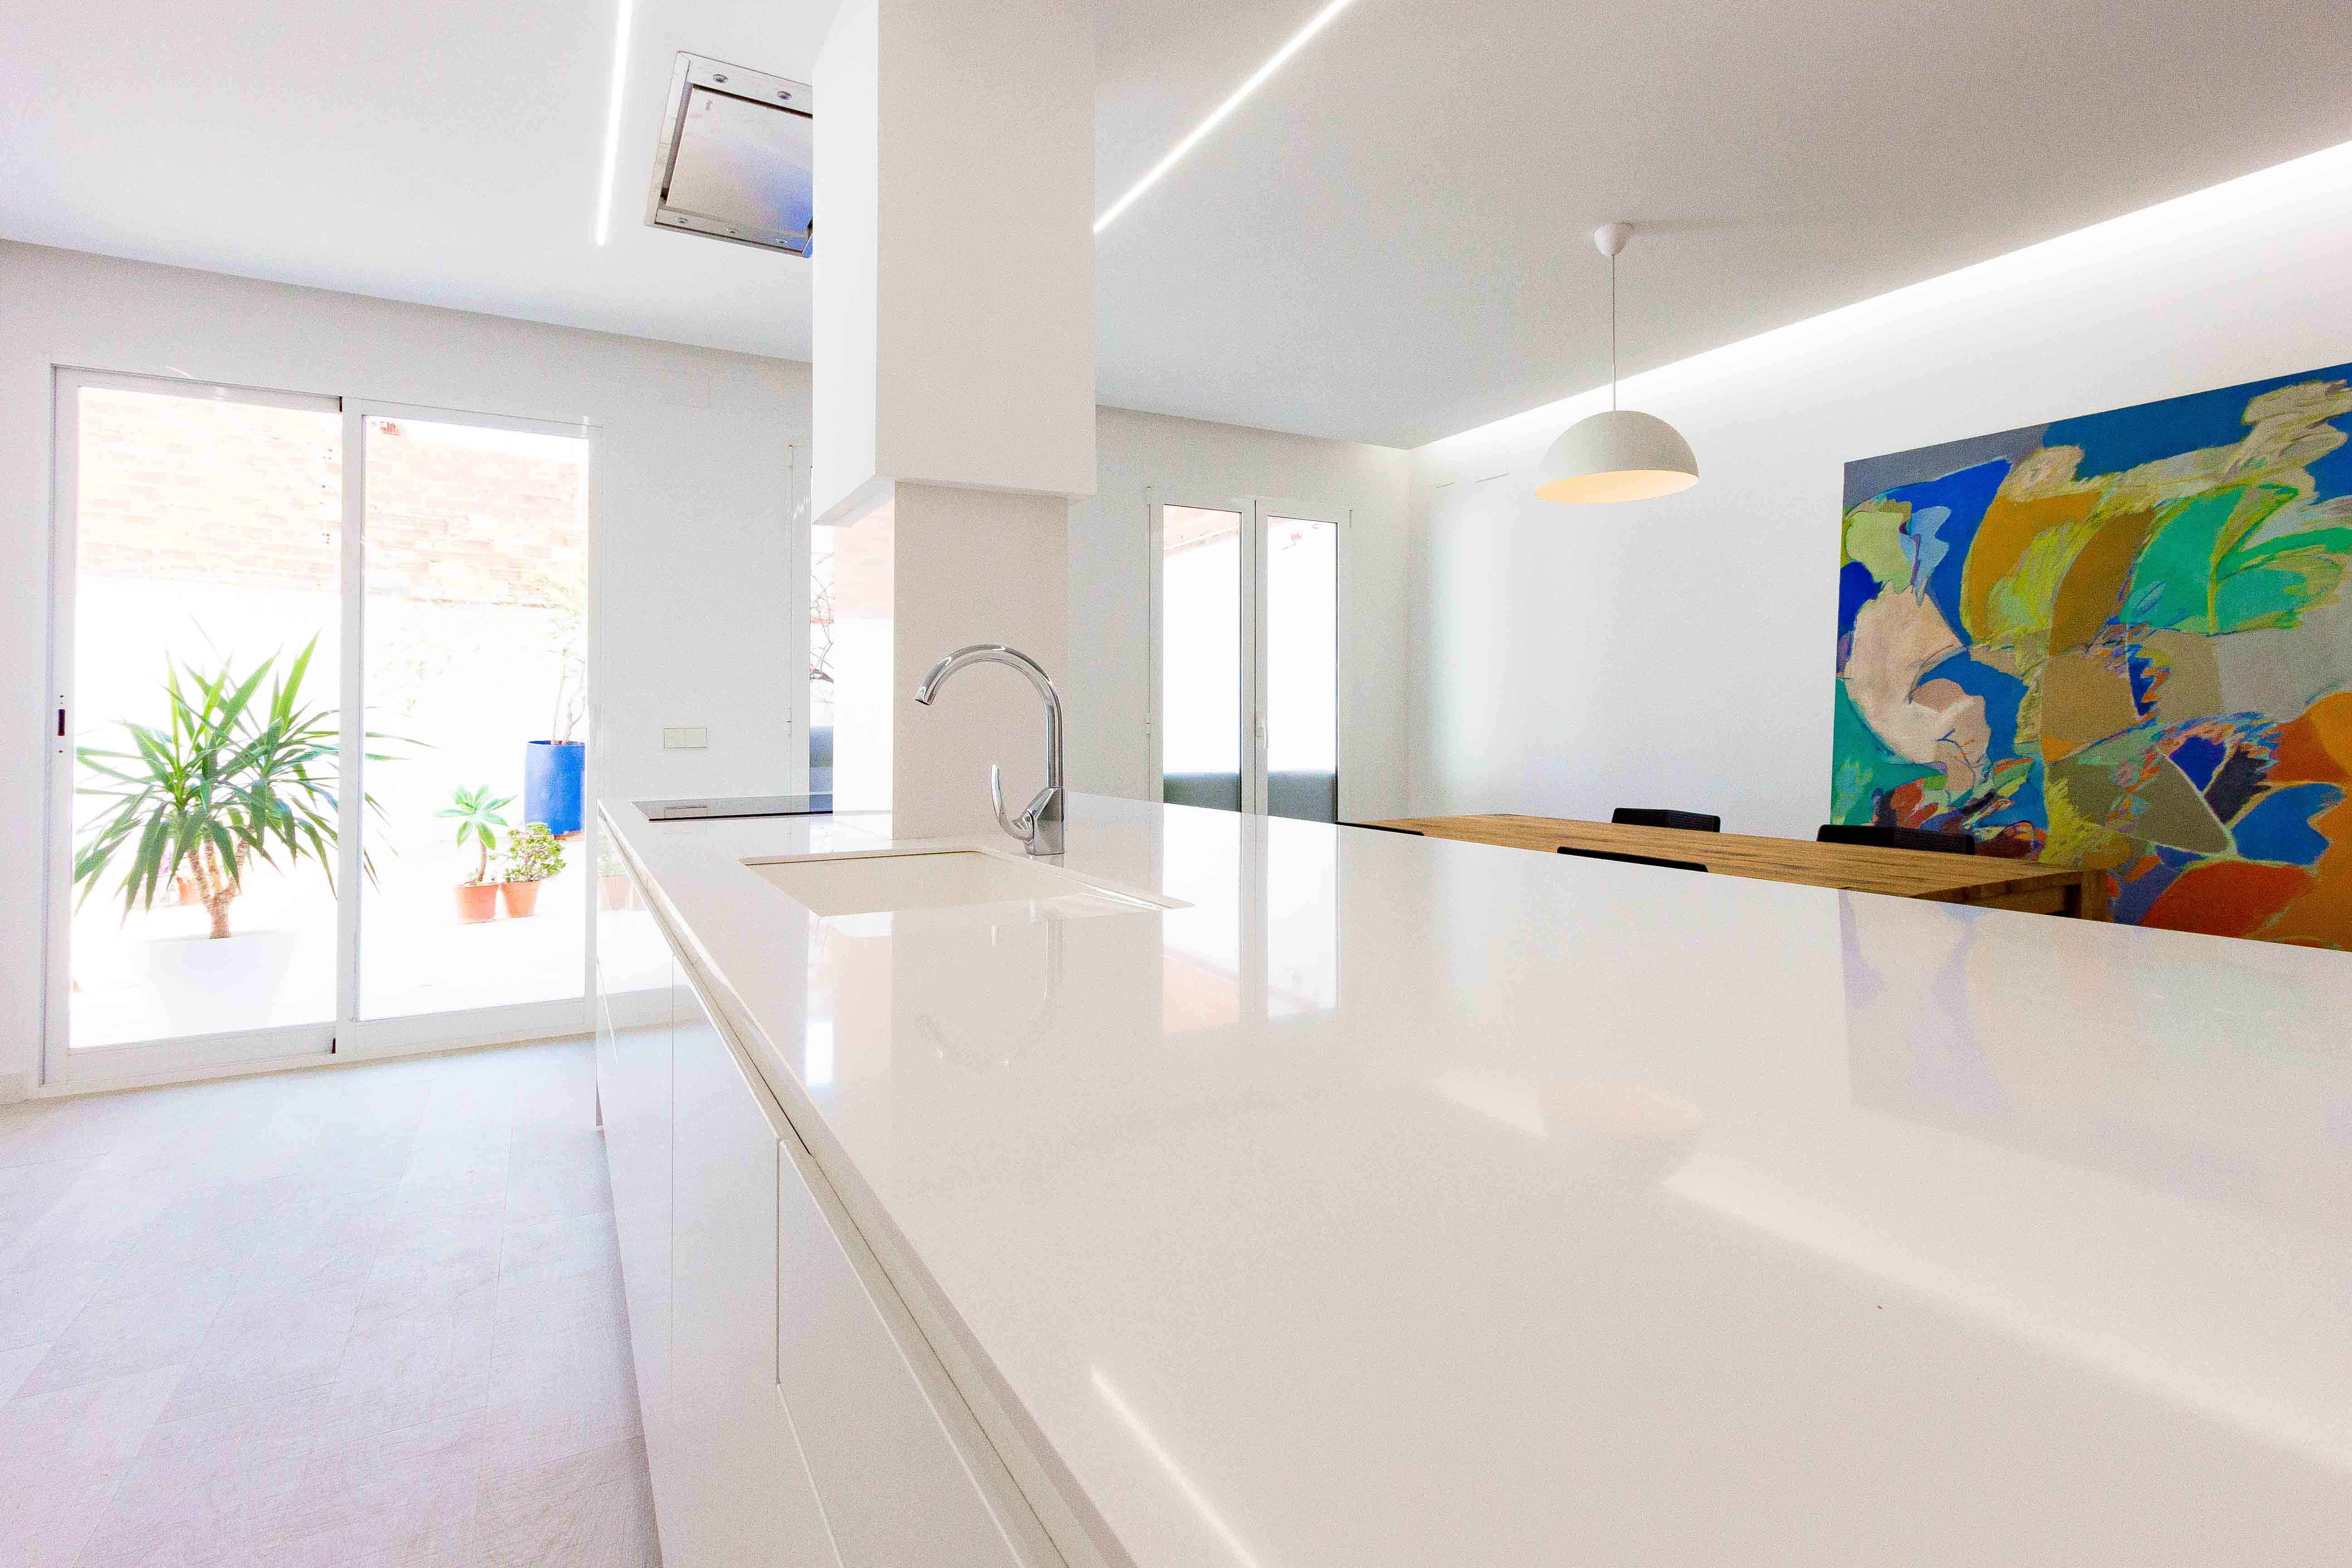 Isla en cocina blanca minimalista en reforma de casa. Chiralt Arquitectos Valencia.